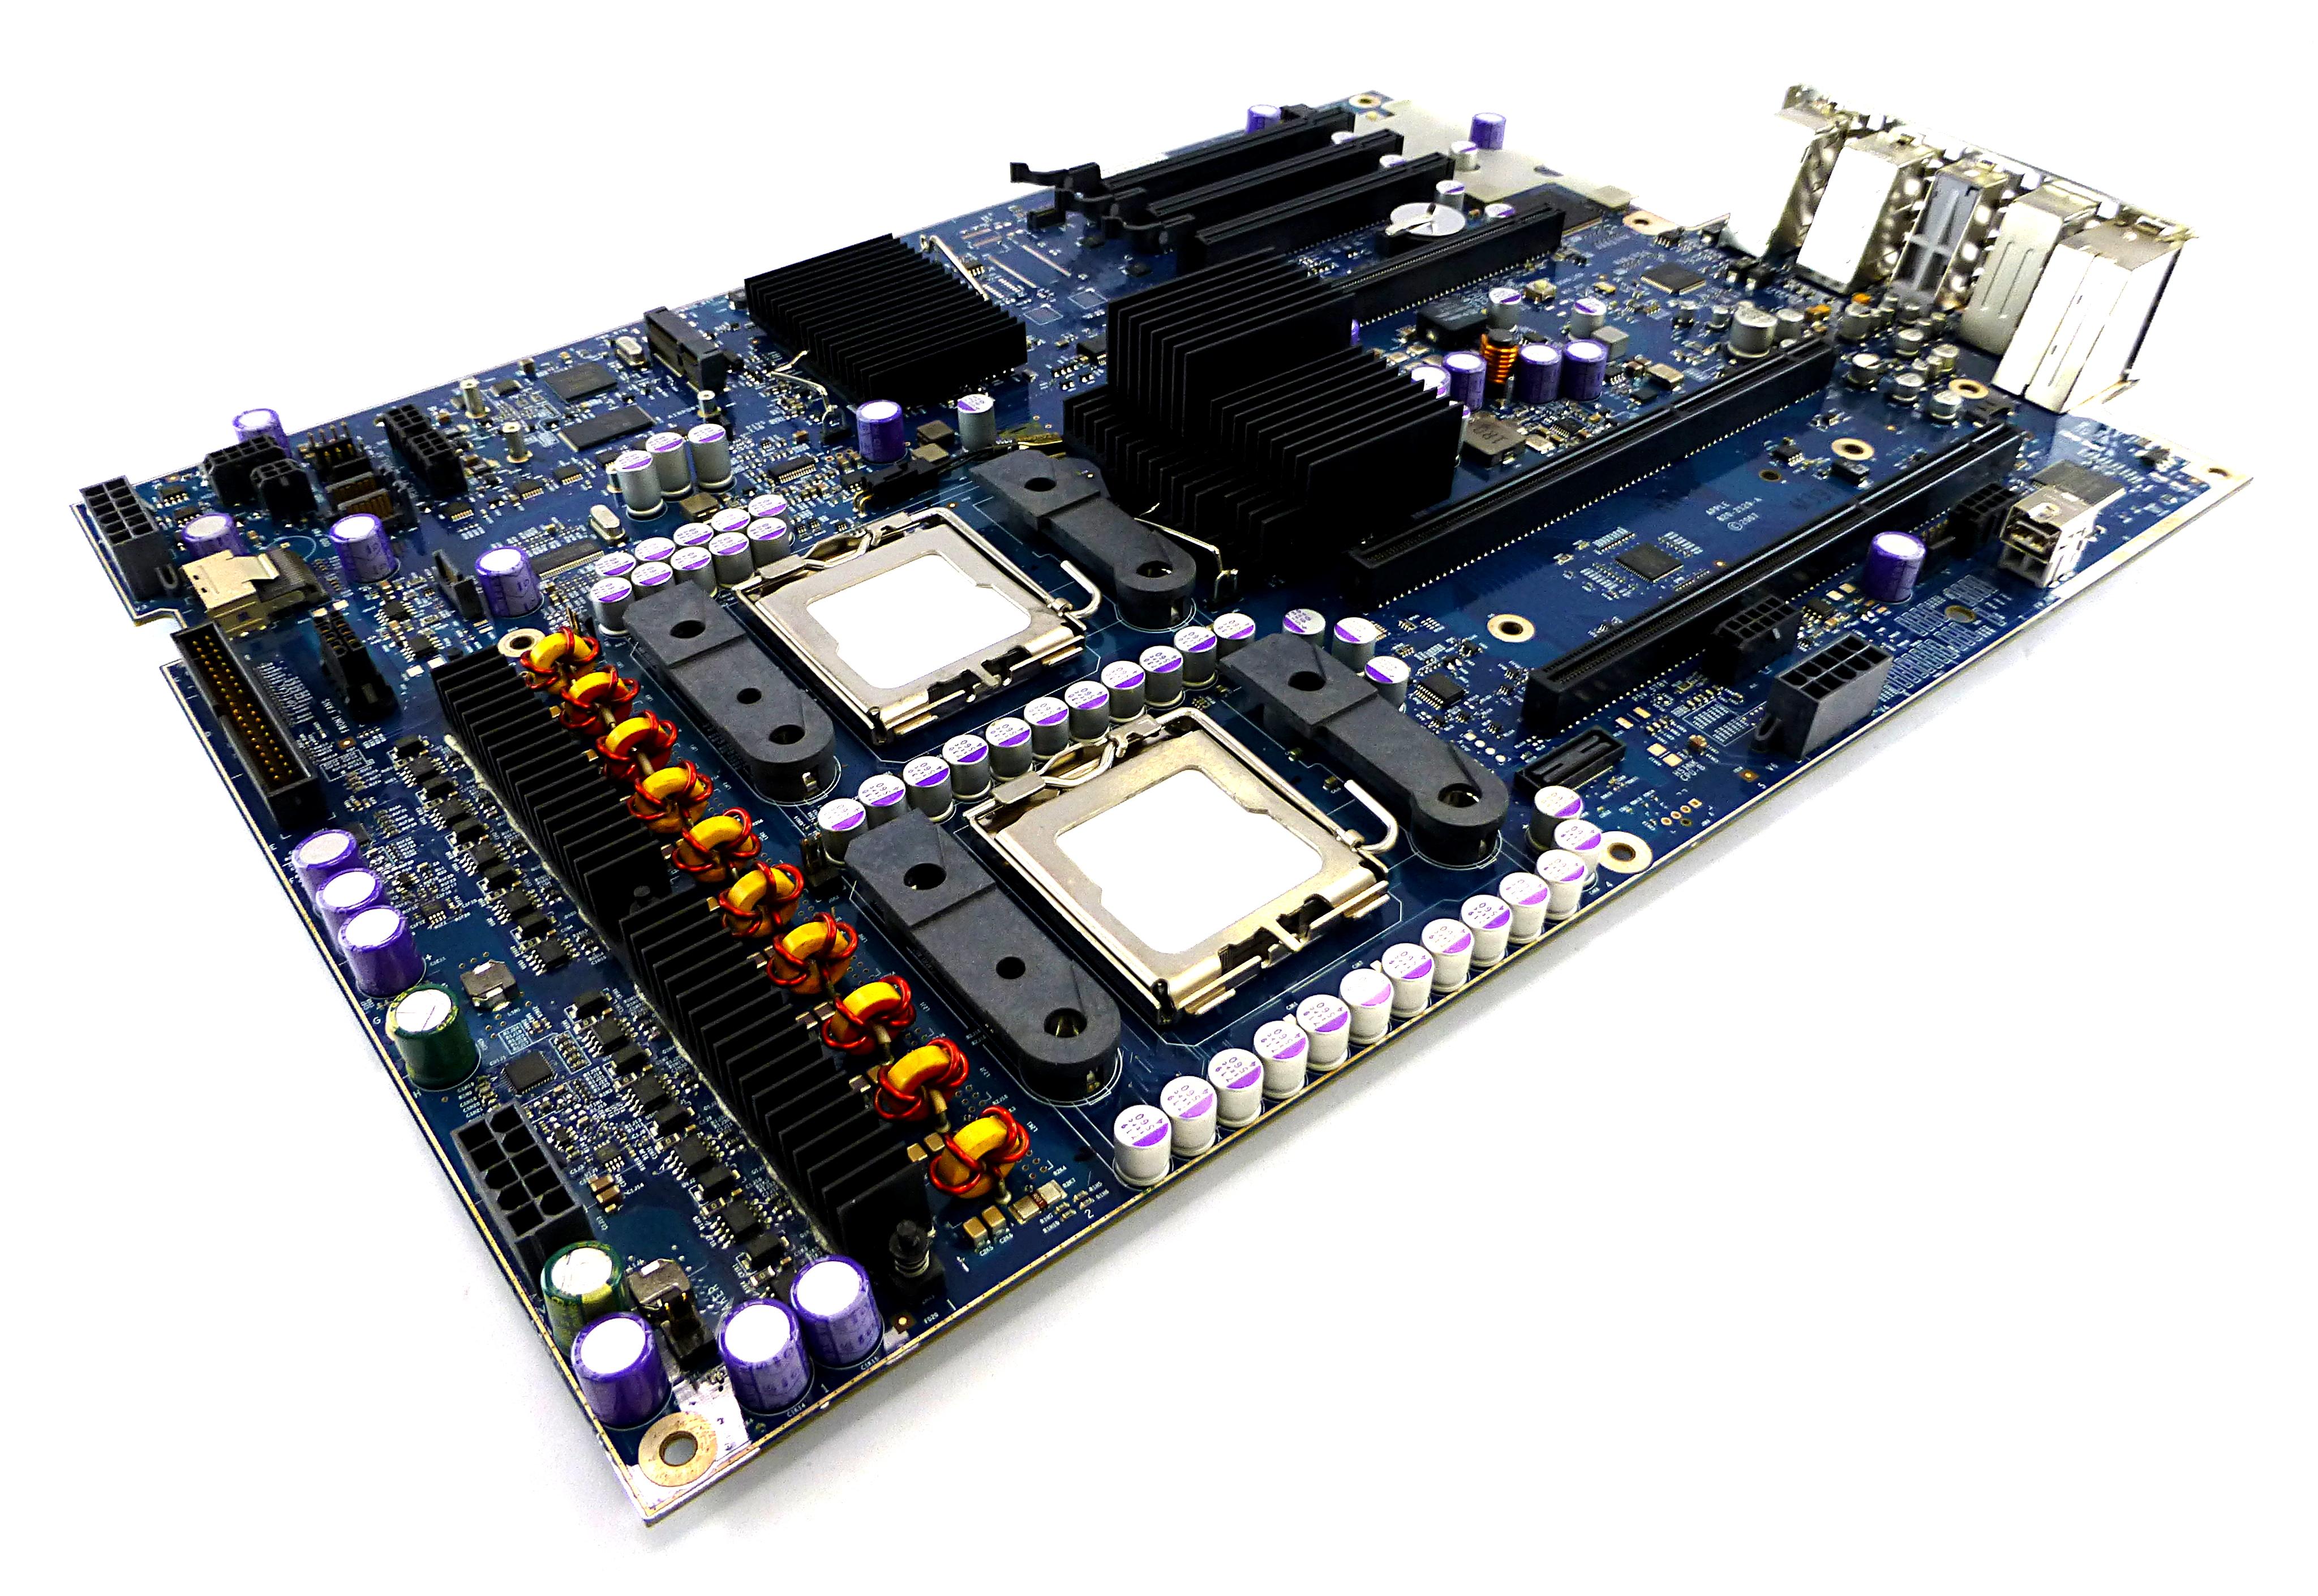 630-7951 Apple Mac Pro Logic Board A1186 EEE:X7Q - 820-2129-A